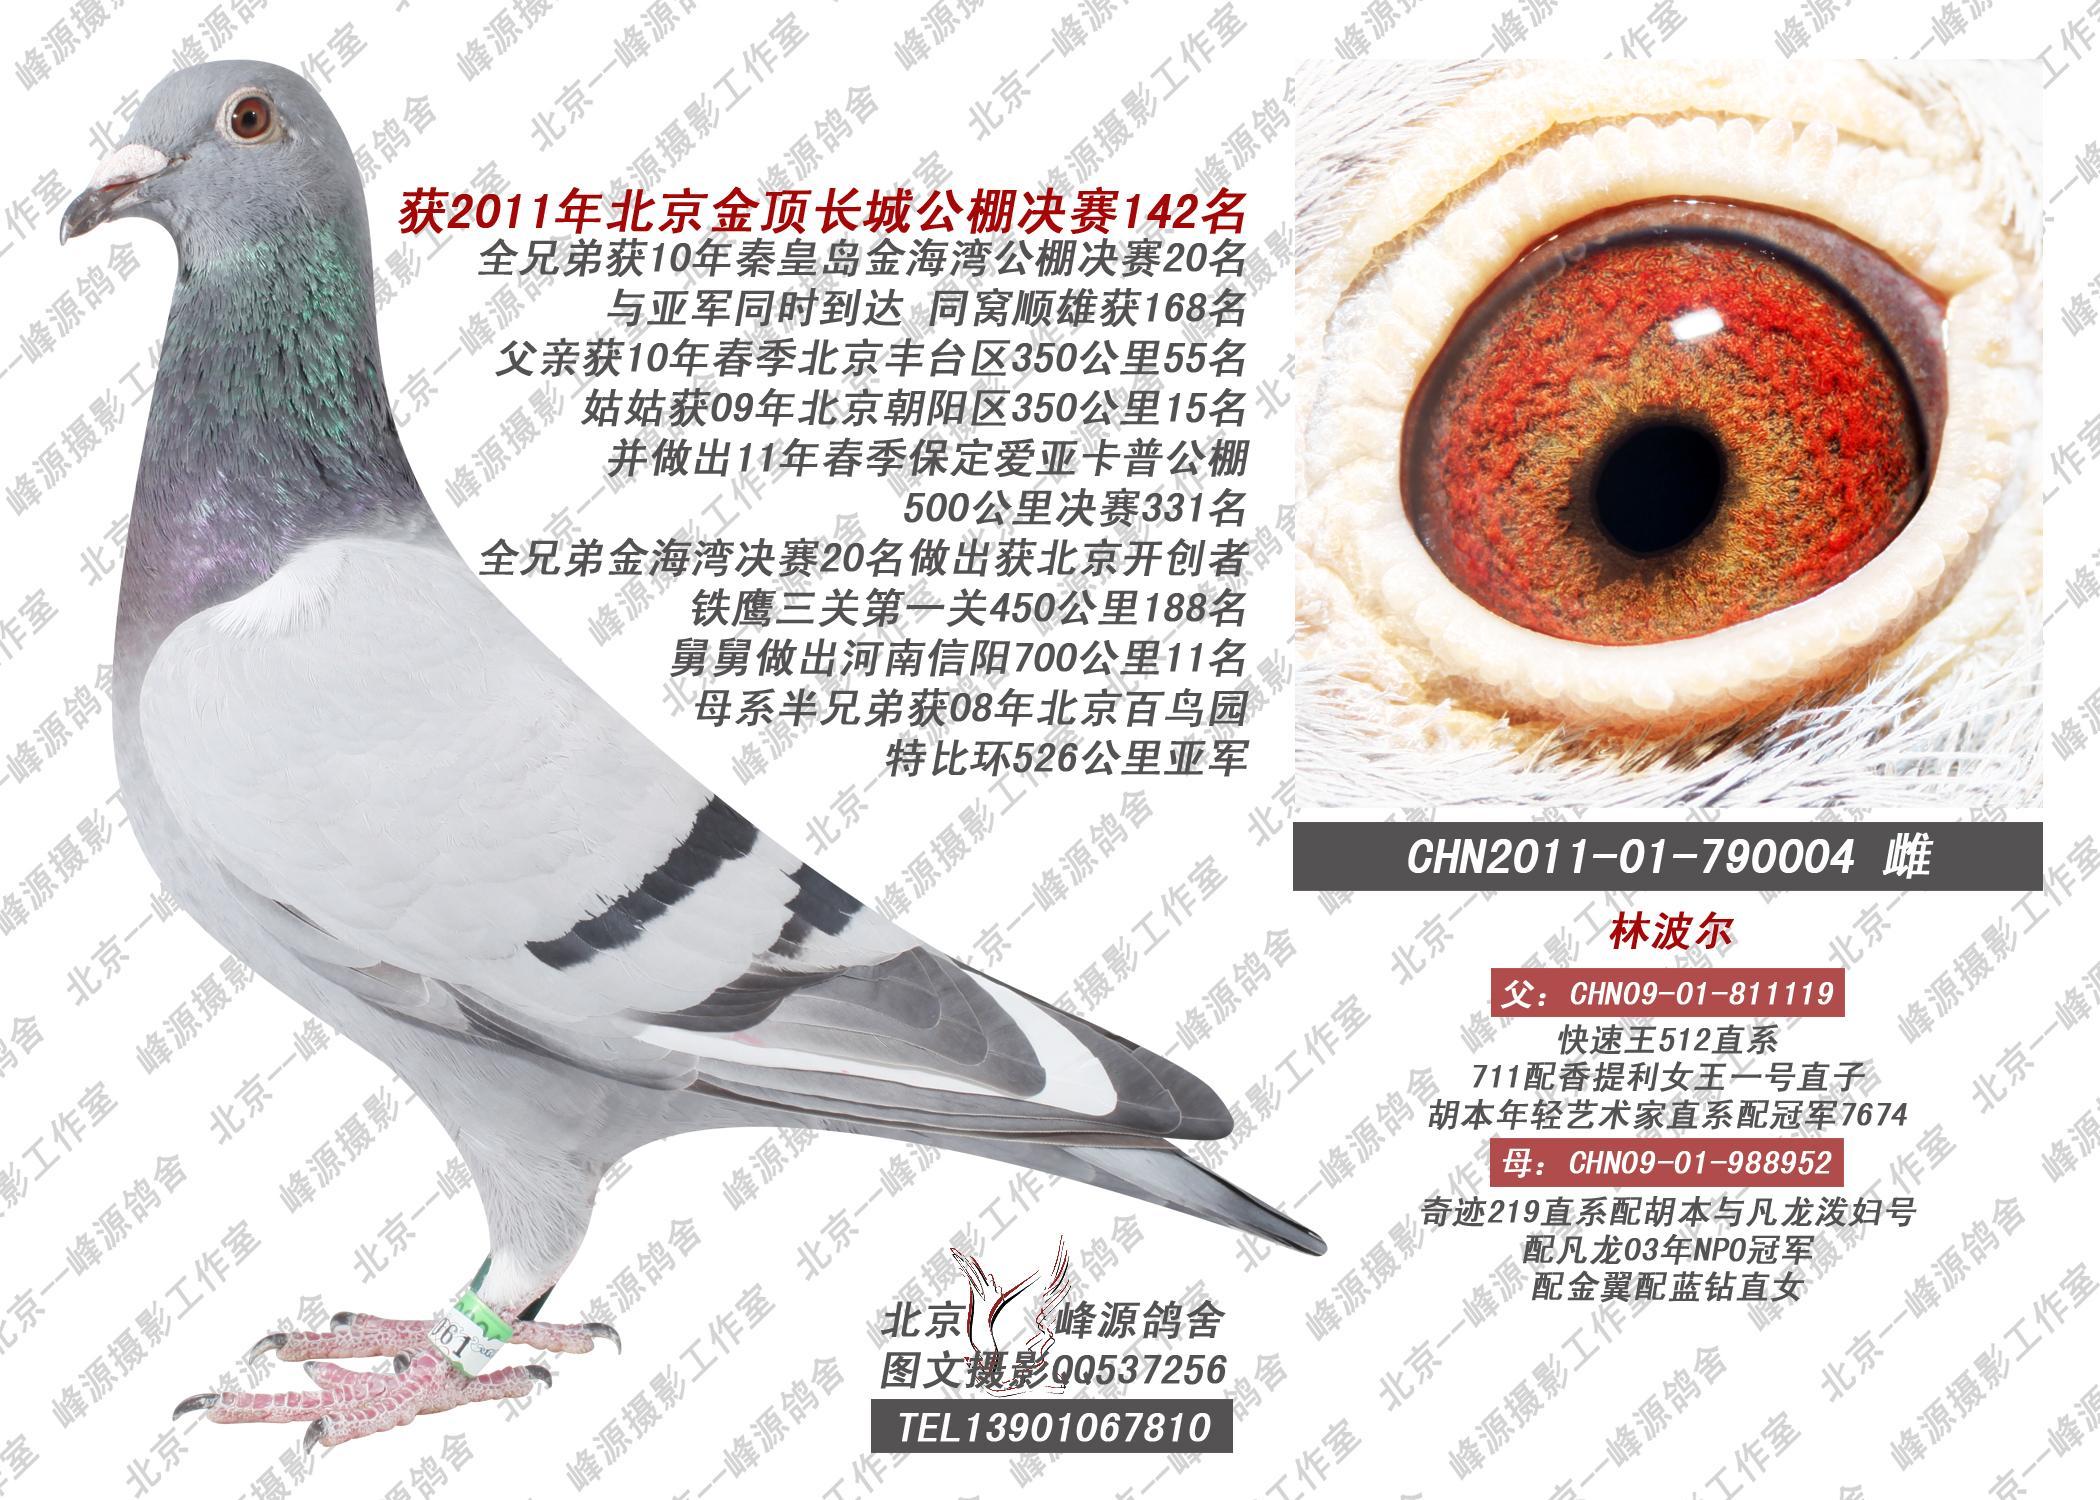 相关图片 信鸽特征 鸽名: 获2011年金顶长城公棚决赛142名 作出